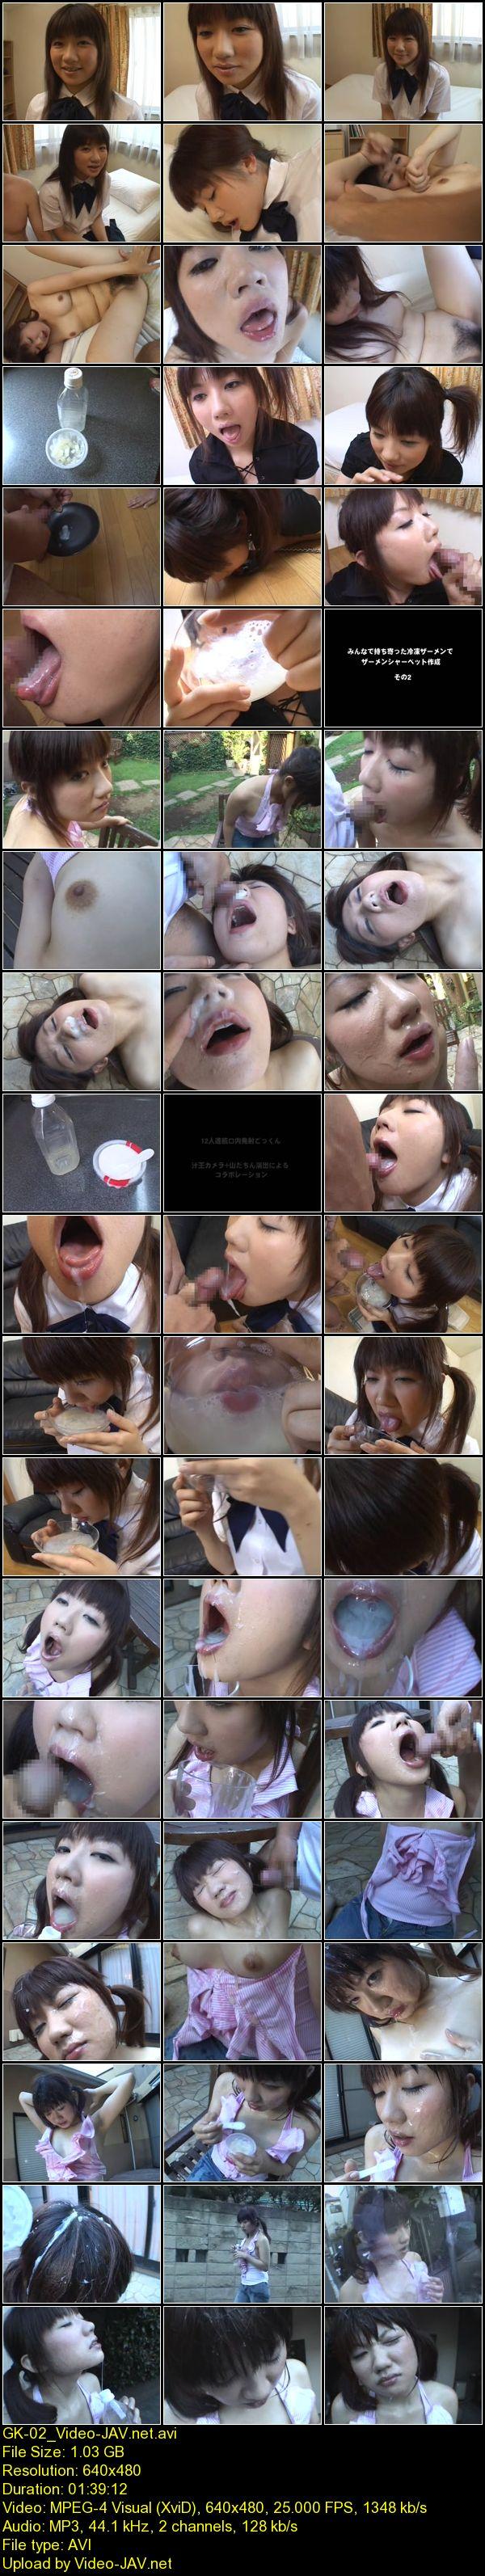 JAV Download [GK 02] 変態少女あみちゃん ごっくんとらいある 2 フェチ ミルキーキャット 2007 07 01